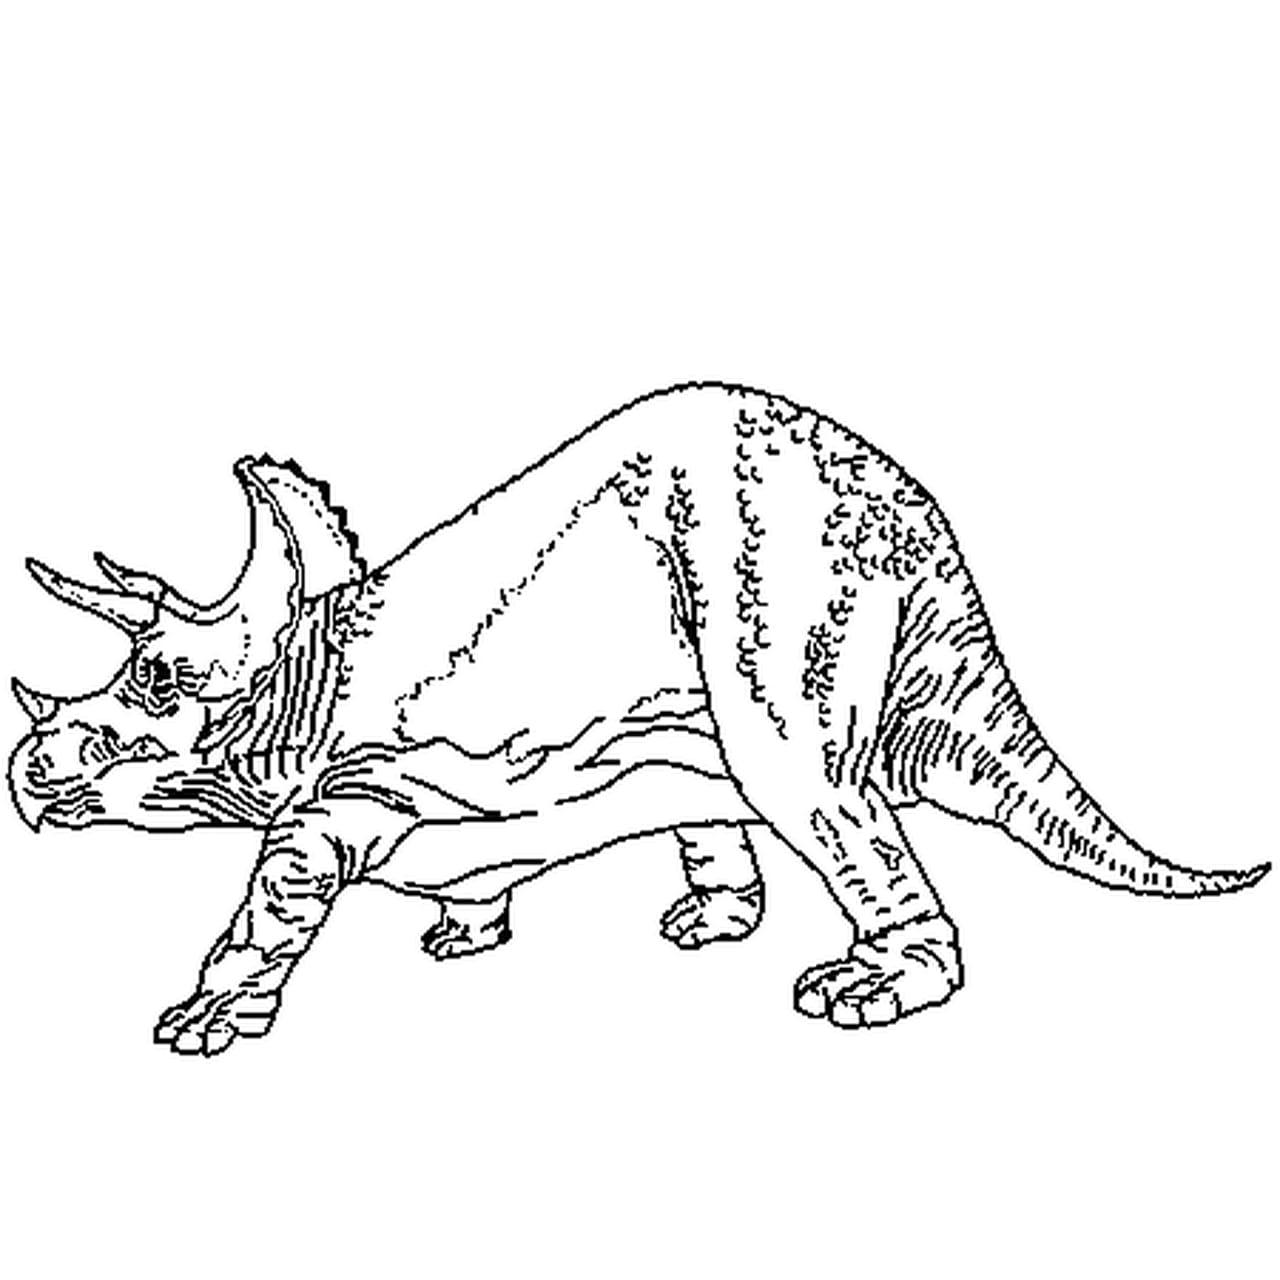 Coloriage Dinosaure âgé En Ligne Gratuit à Imprimer